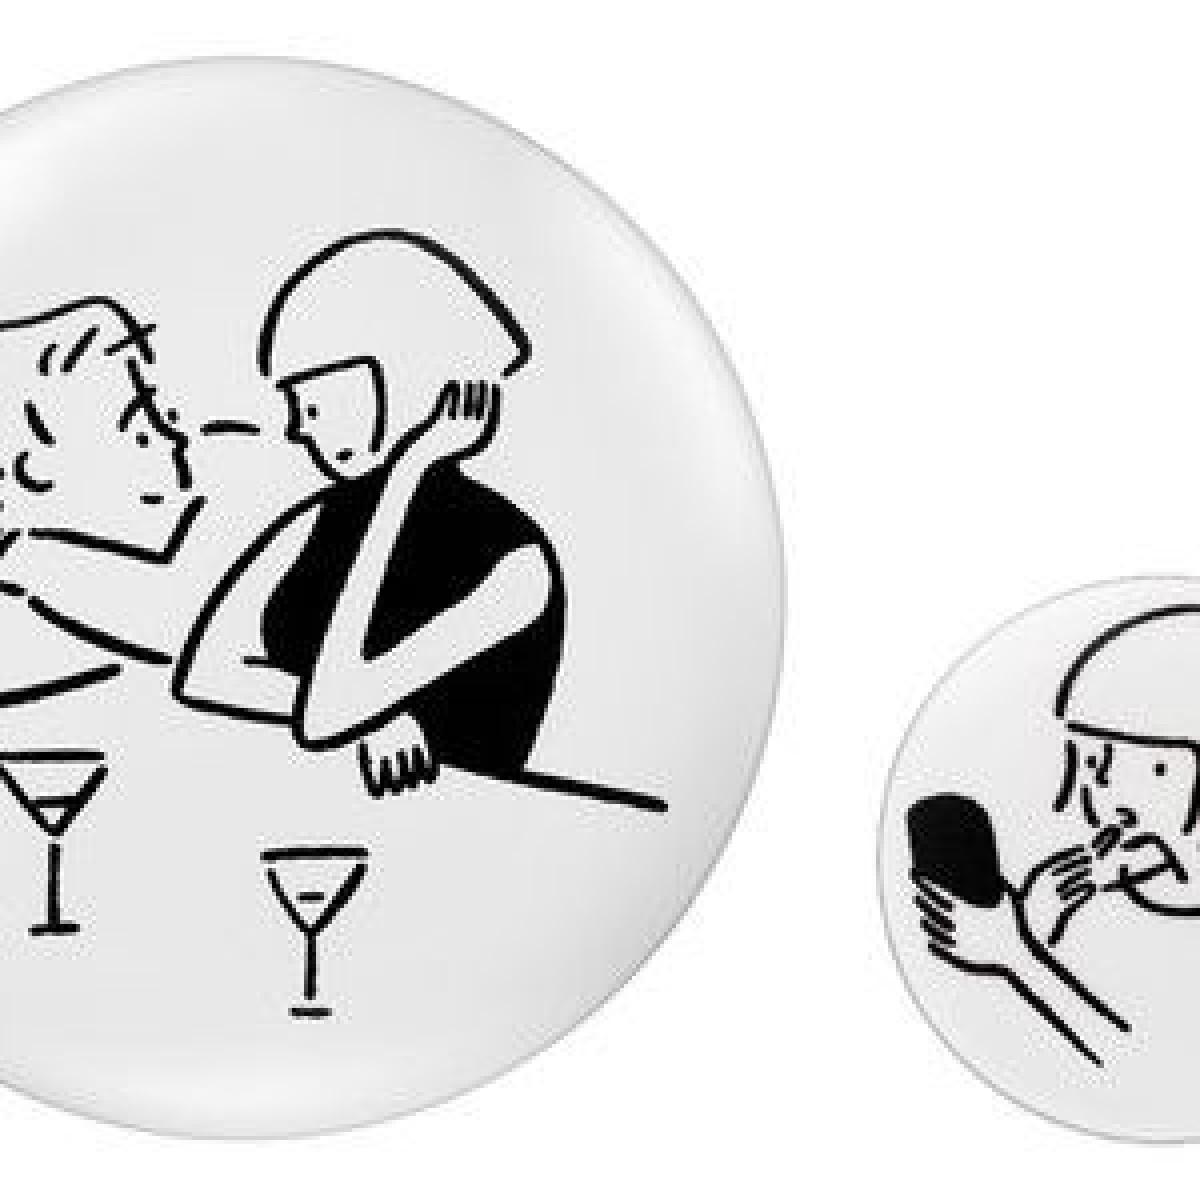 資生堂「ギャラリーコンパクト」がホリデーシーズン限定のリップバーム発売、パッケージは長場雄らがデザイン